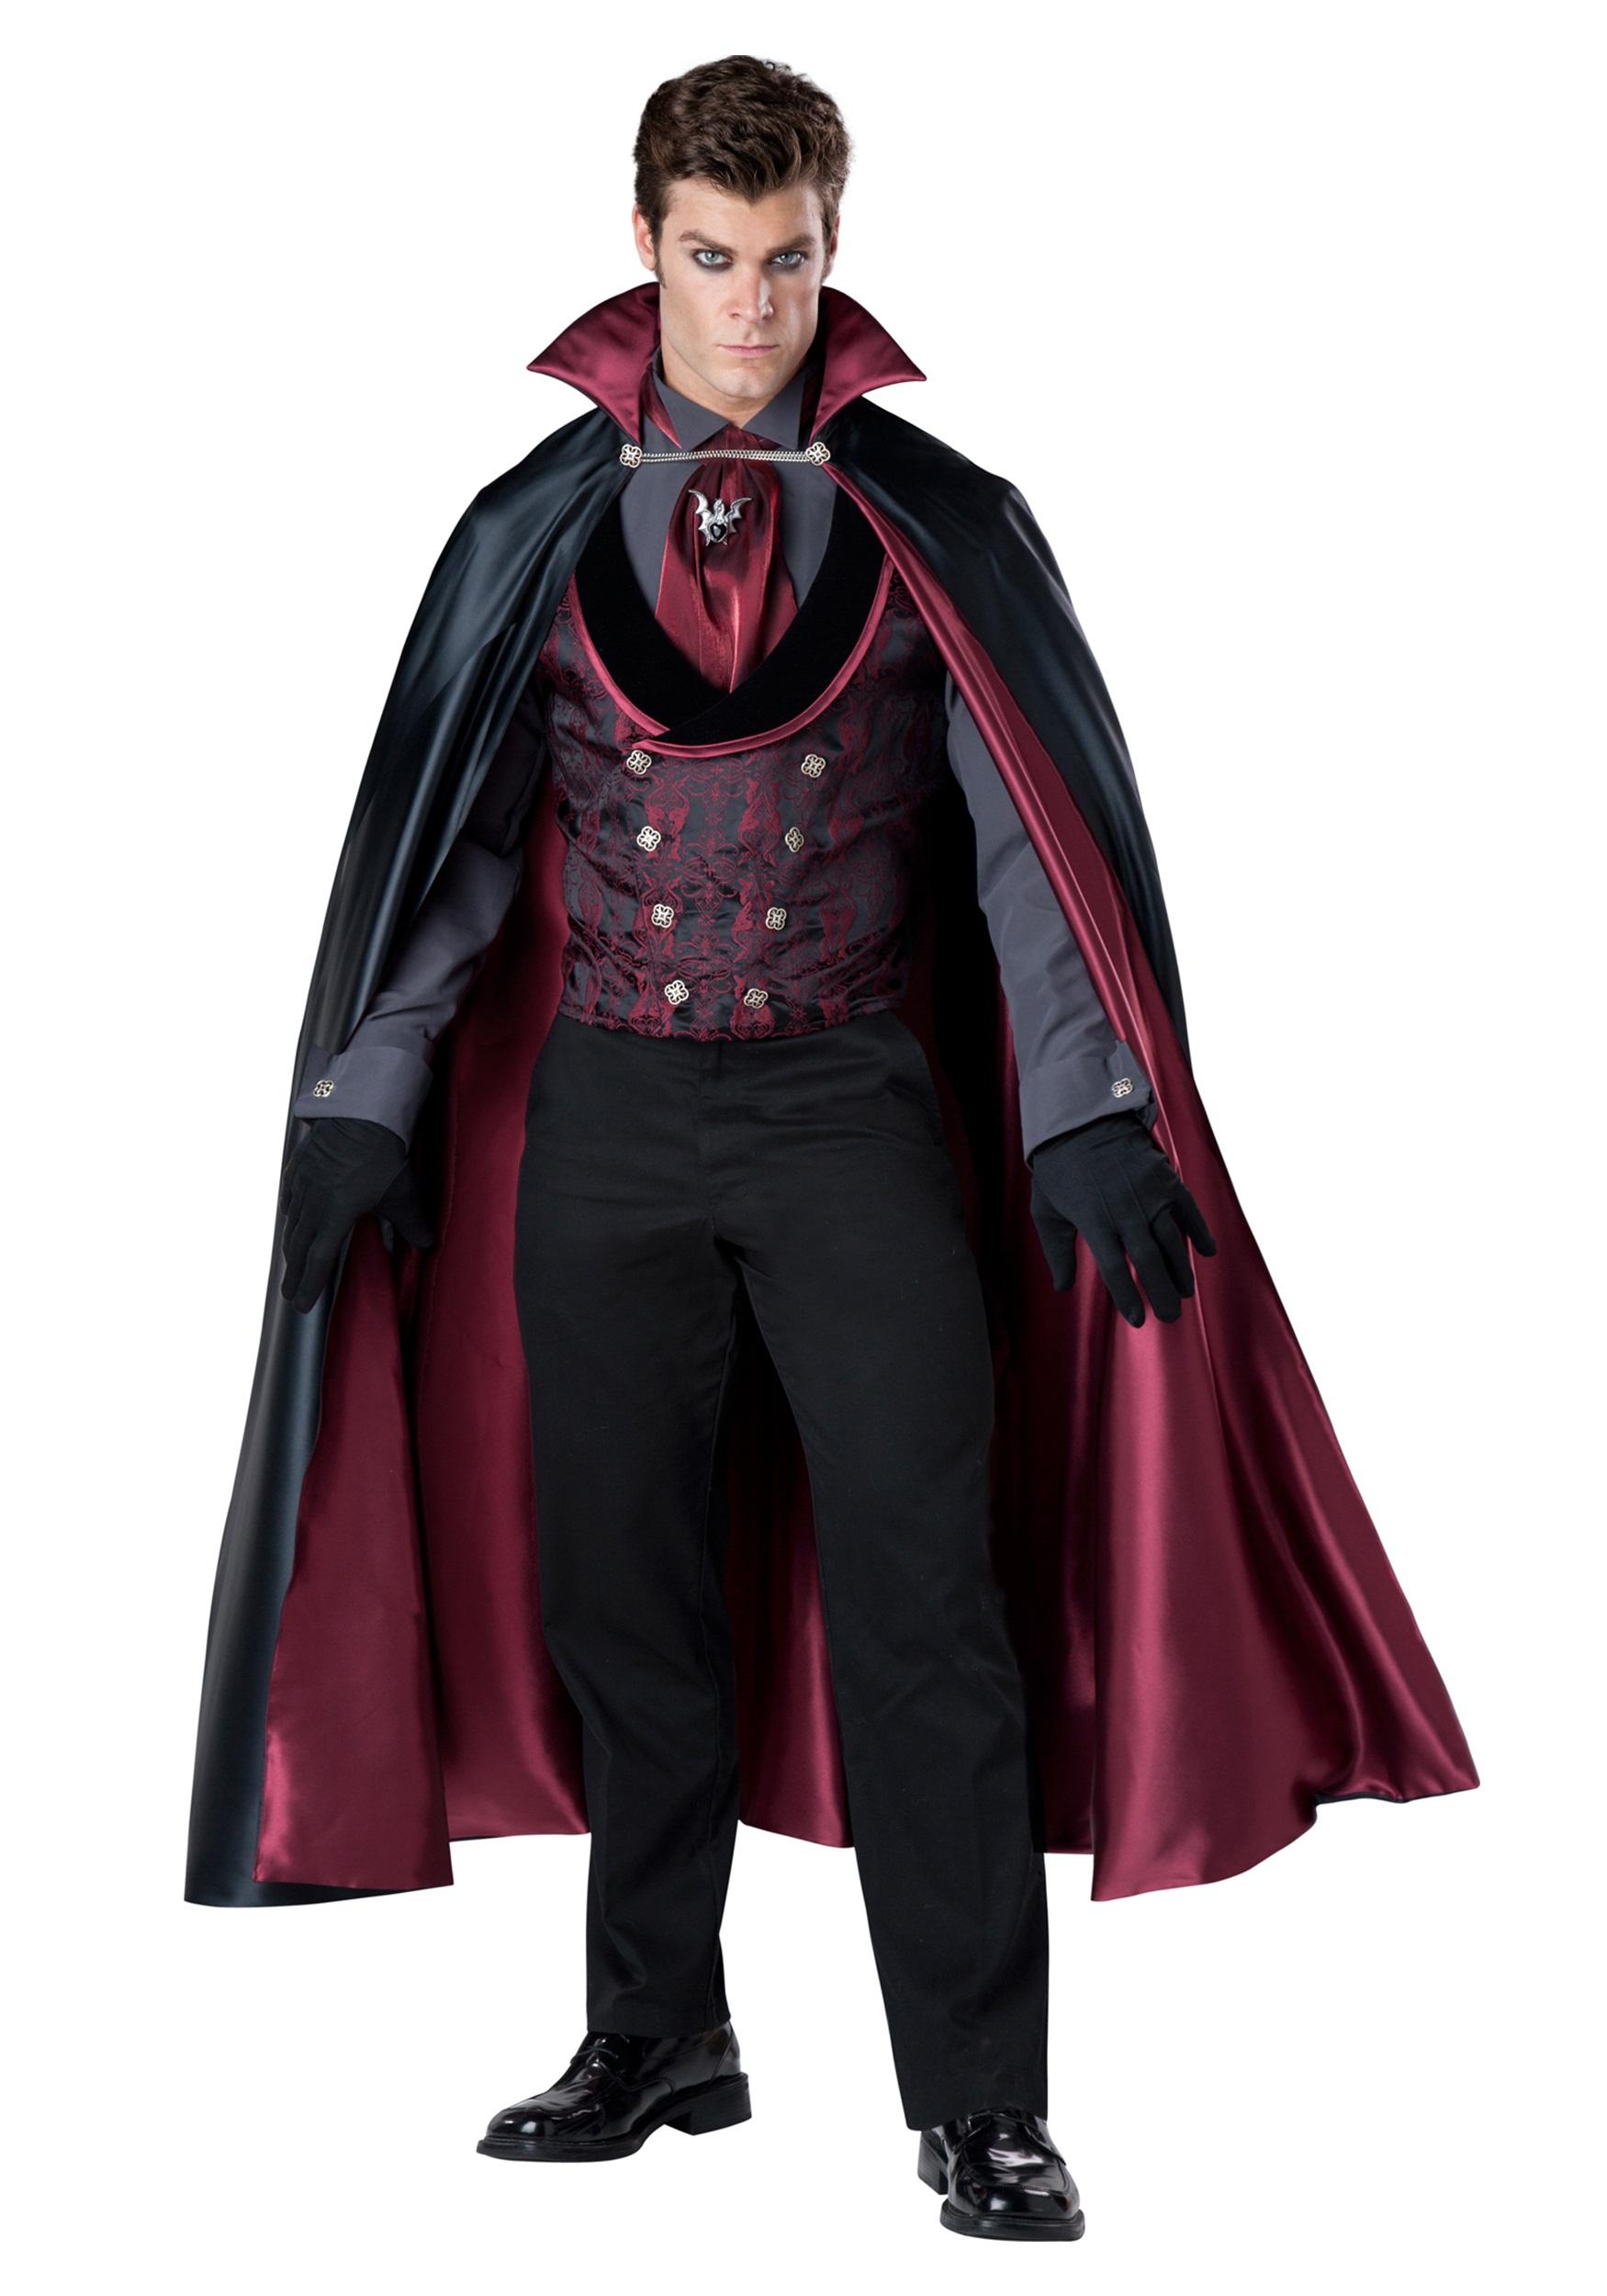 Modern Vampire Costume Vampire Costume$128.99